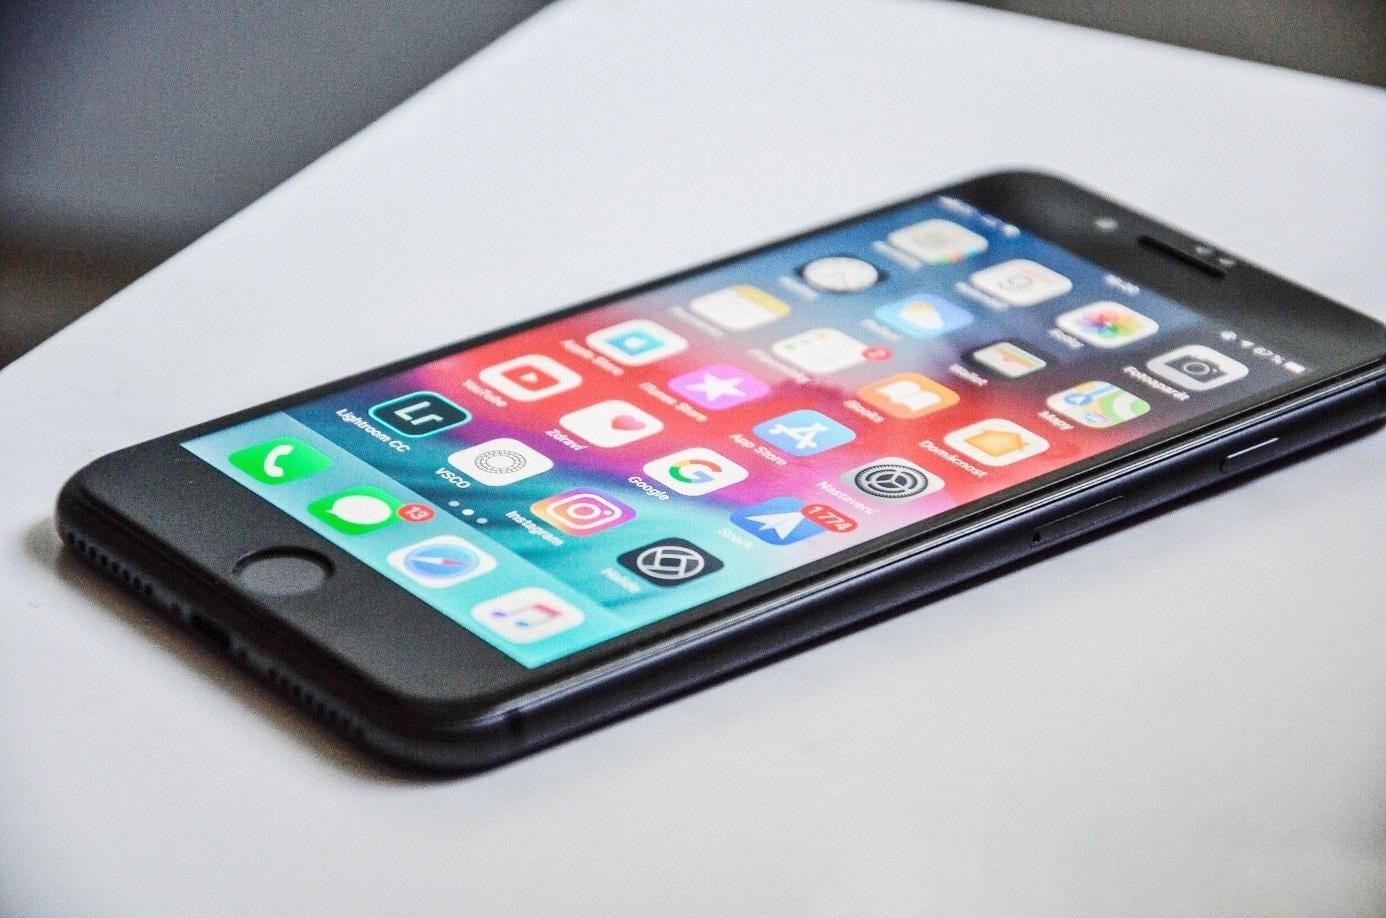 Potřebujeme mobilní aplikaci. Co když nativní aplikace není řešení pro nás?